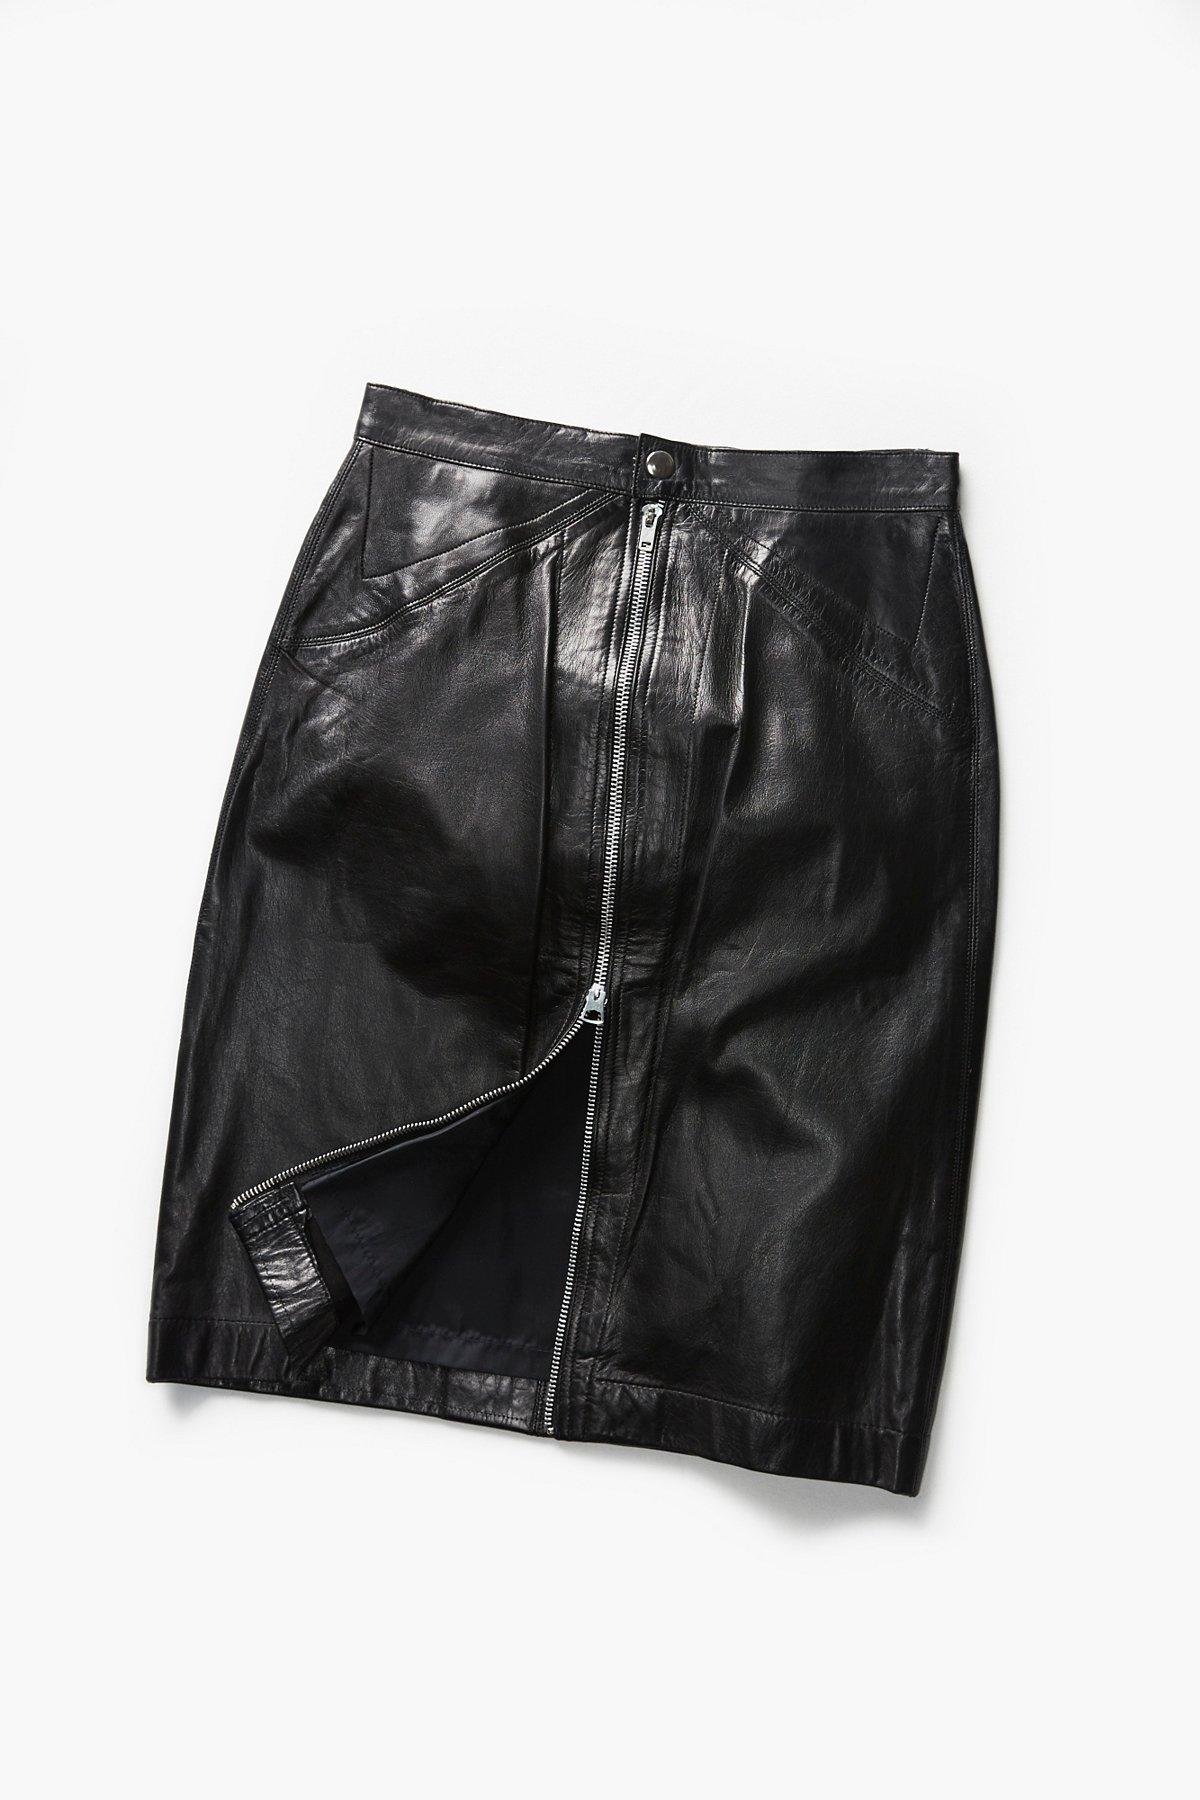 Vintage 1980s Leather Midi Skirt